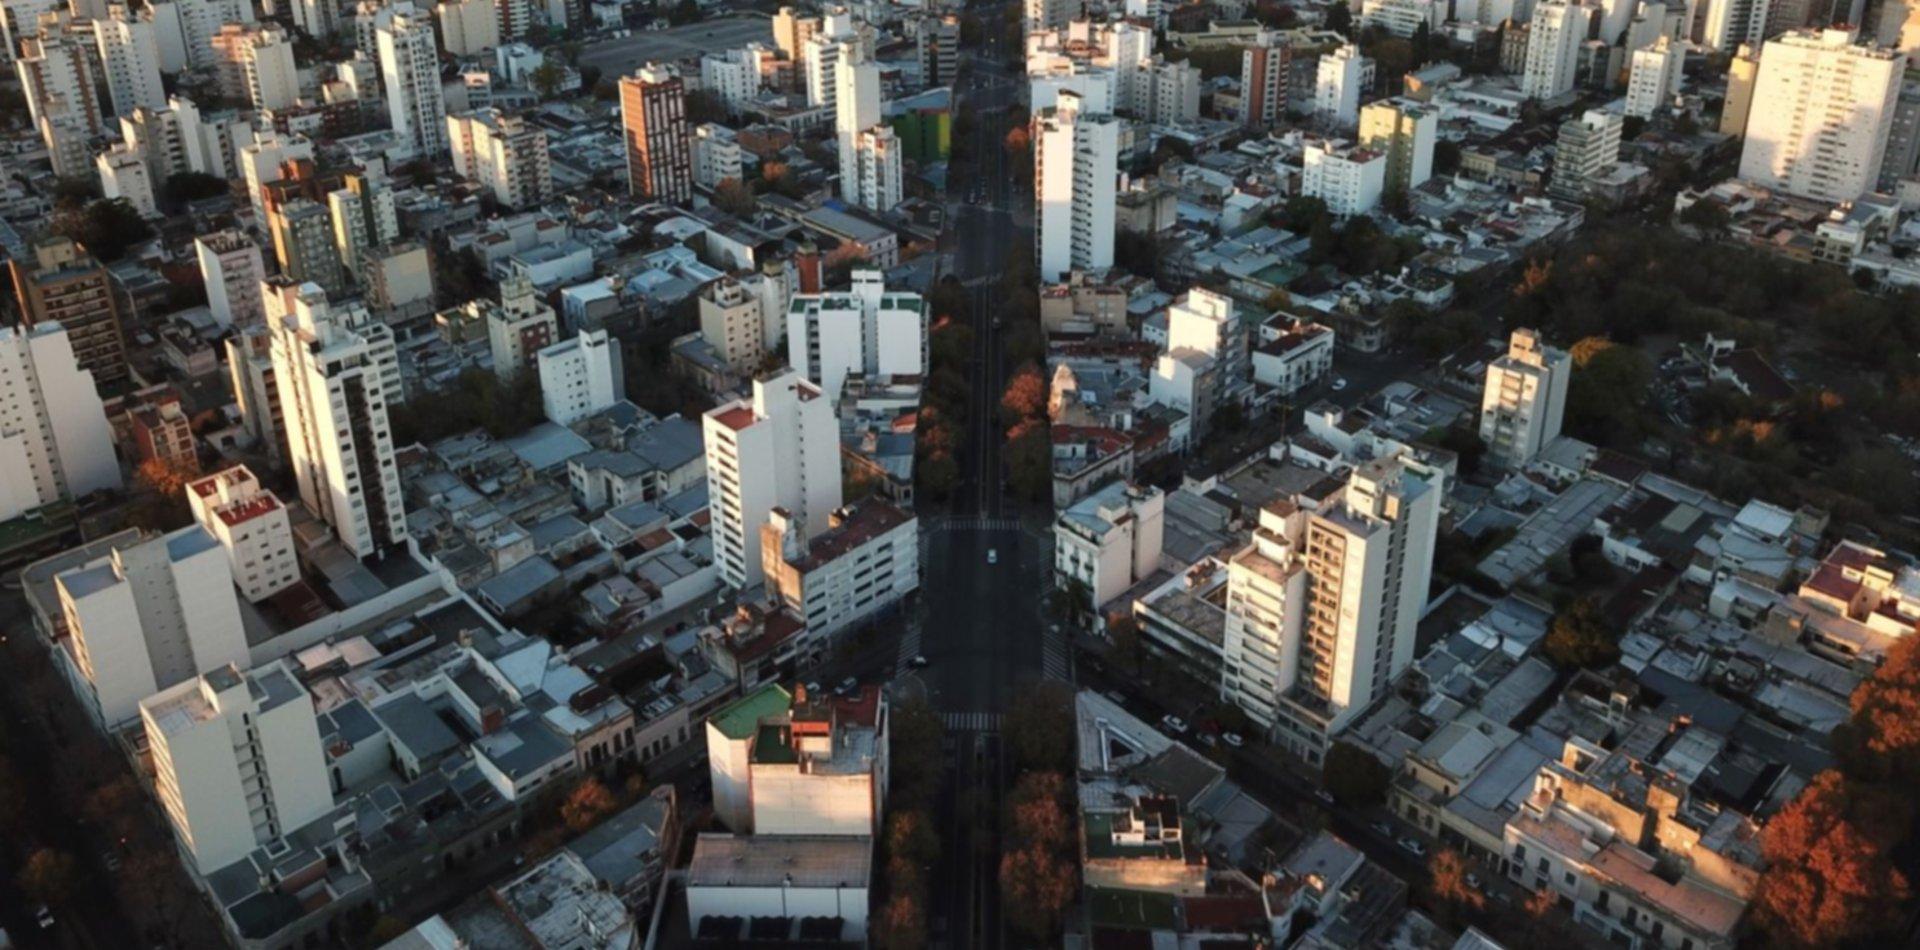 Cuánto sale el m2 de los departamentos y casas para comprar en La Plata